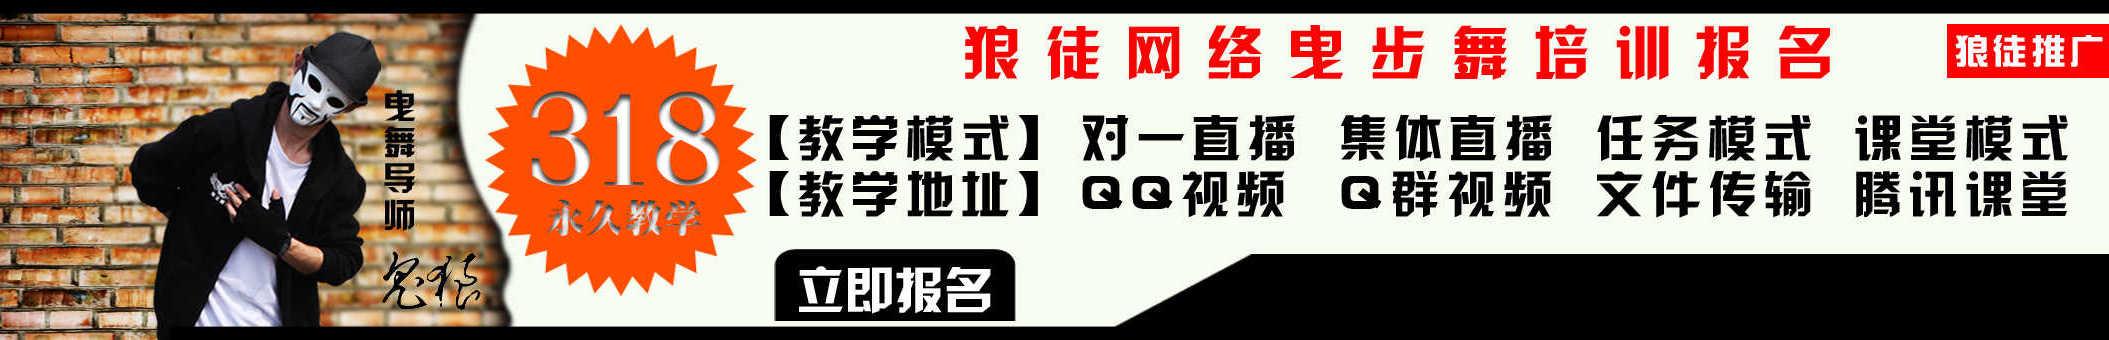 曳舞王国 banner